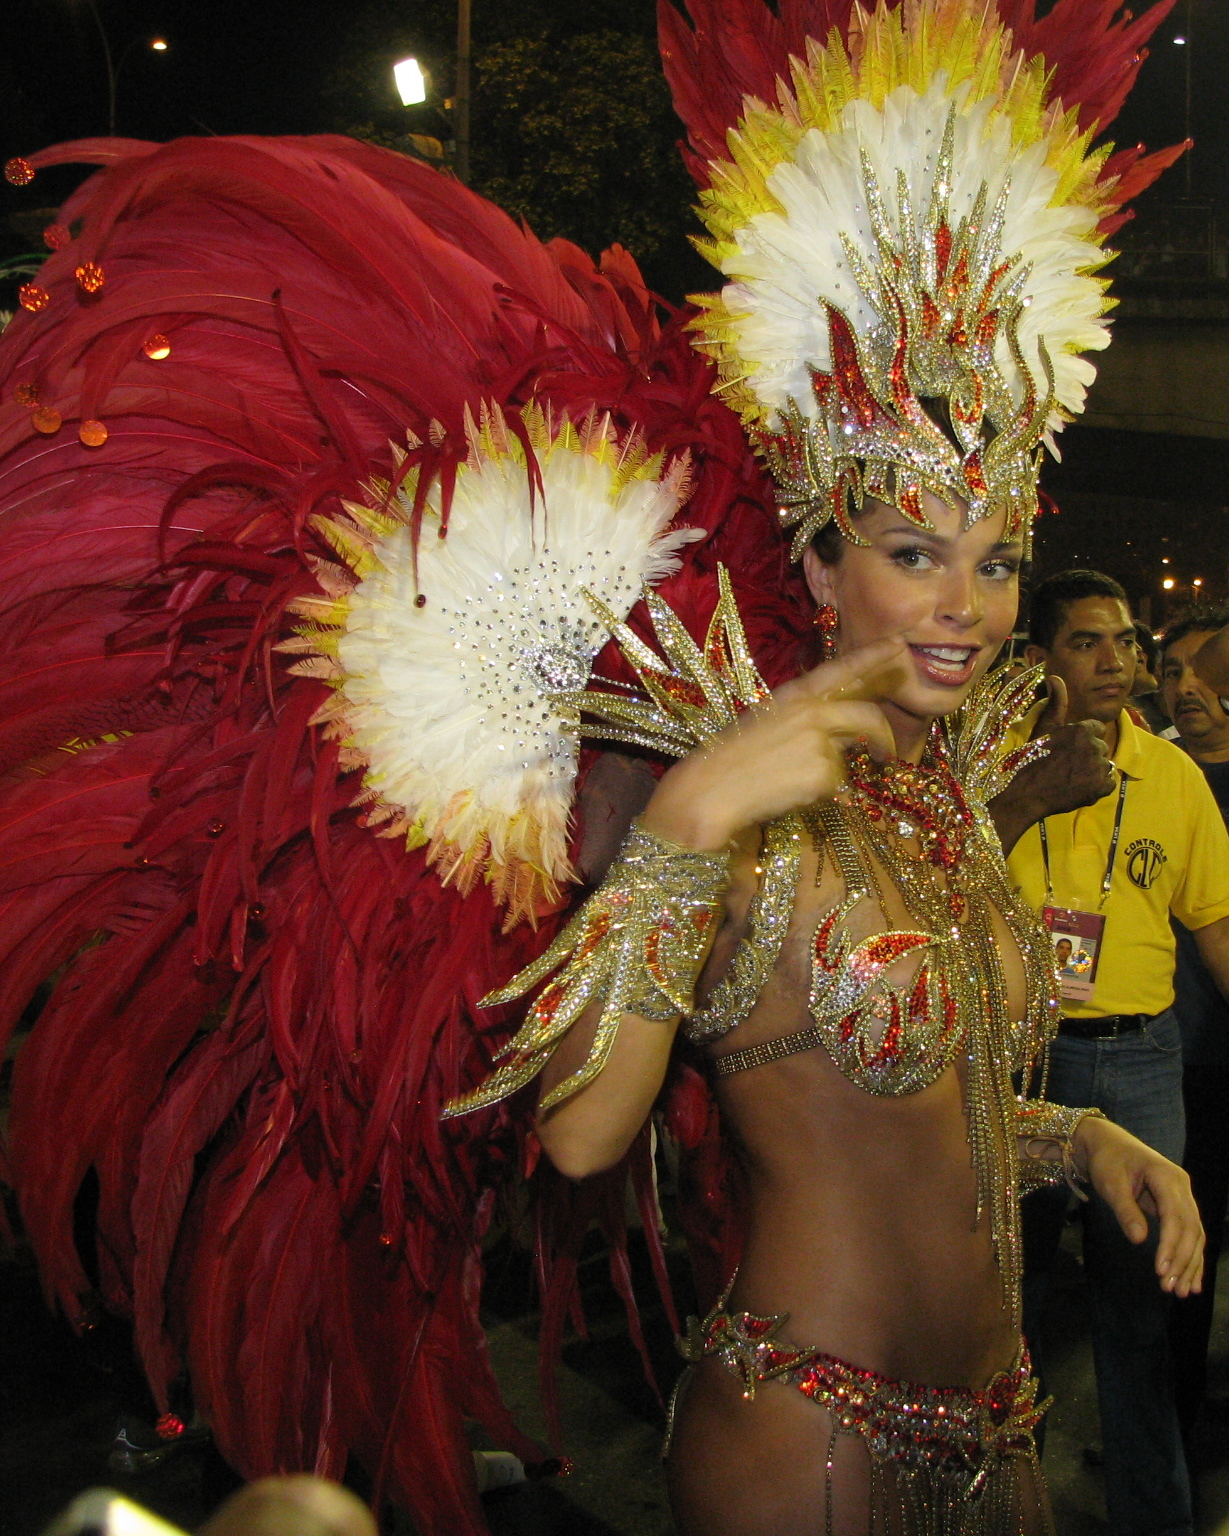 Brasileño Carnaval Historia, Propósito - Ubicación - Río de Janeiro, Brasil